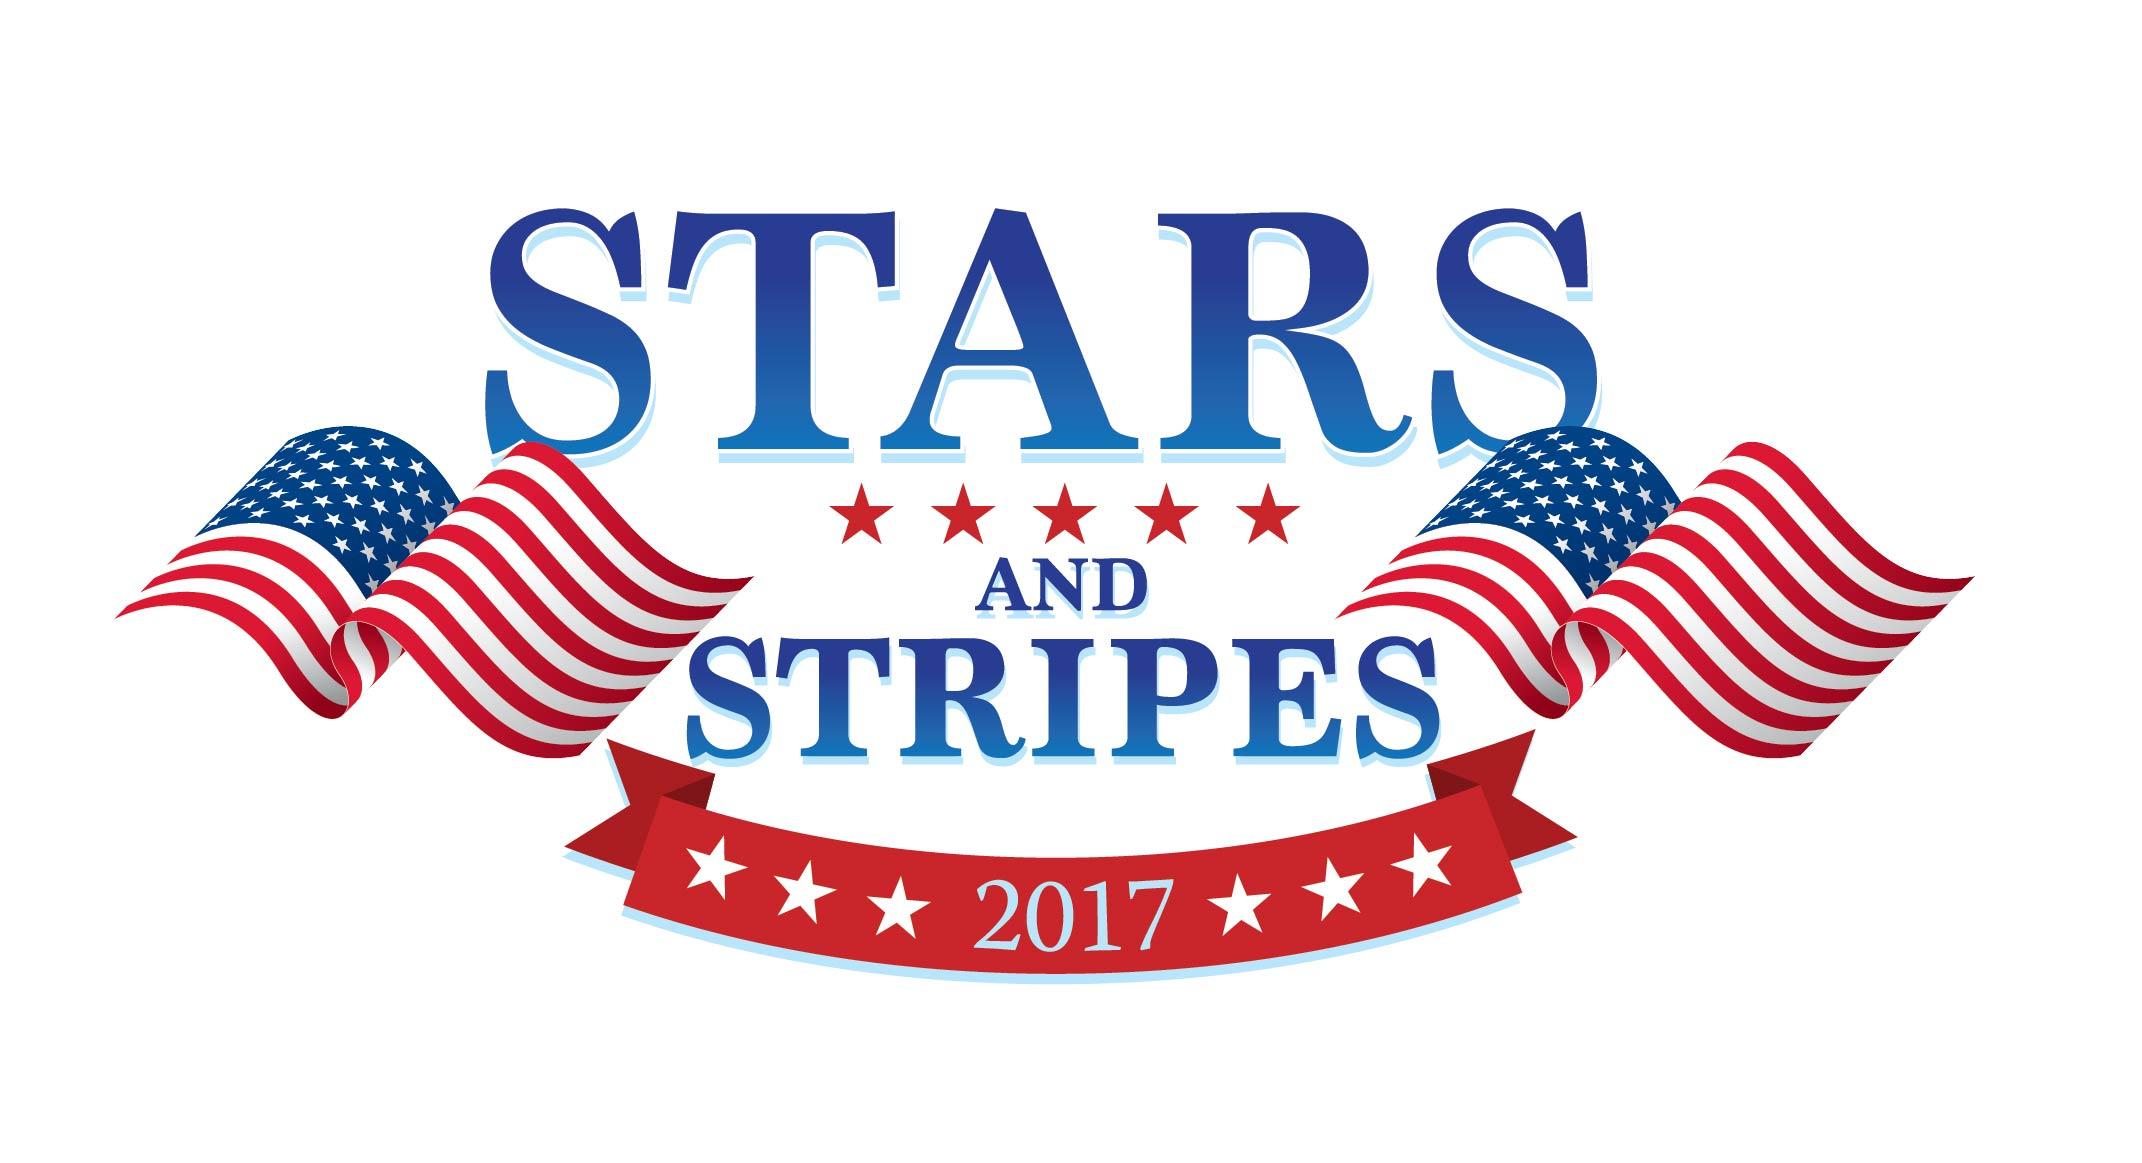 Stars & Stripes 2017 Music Festival Image